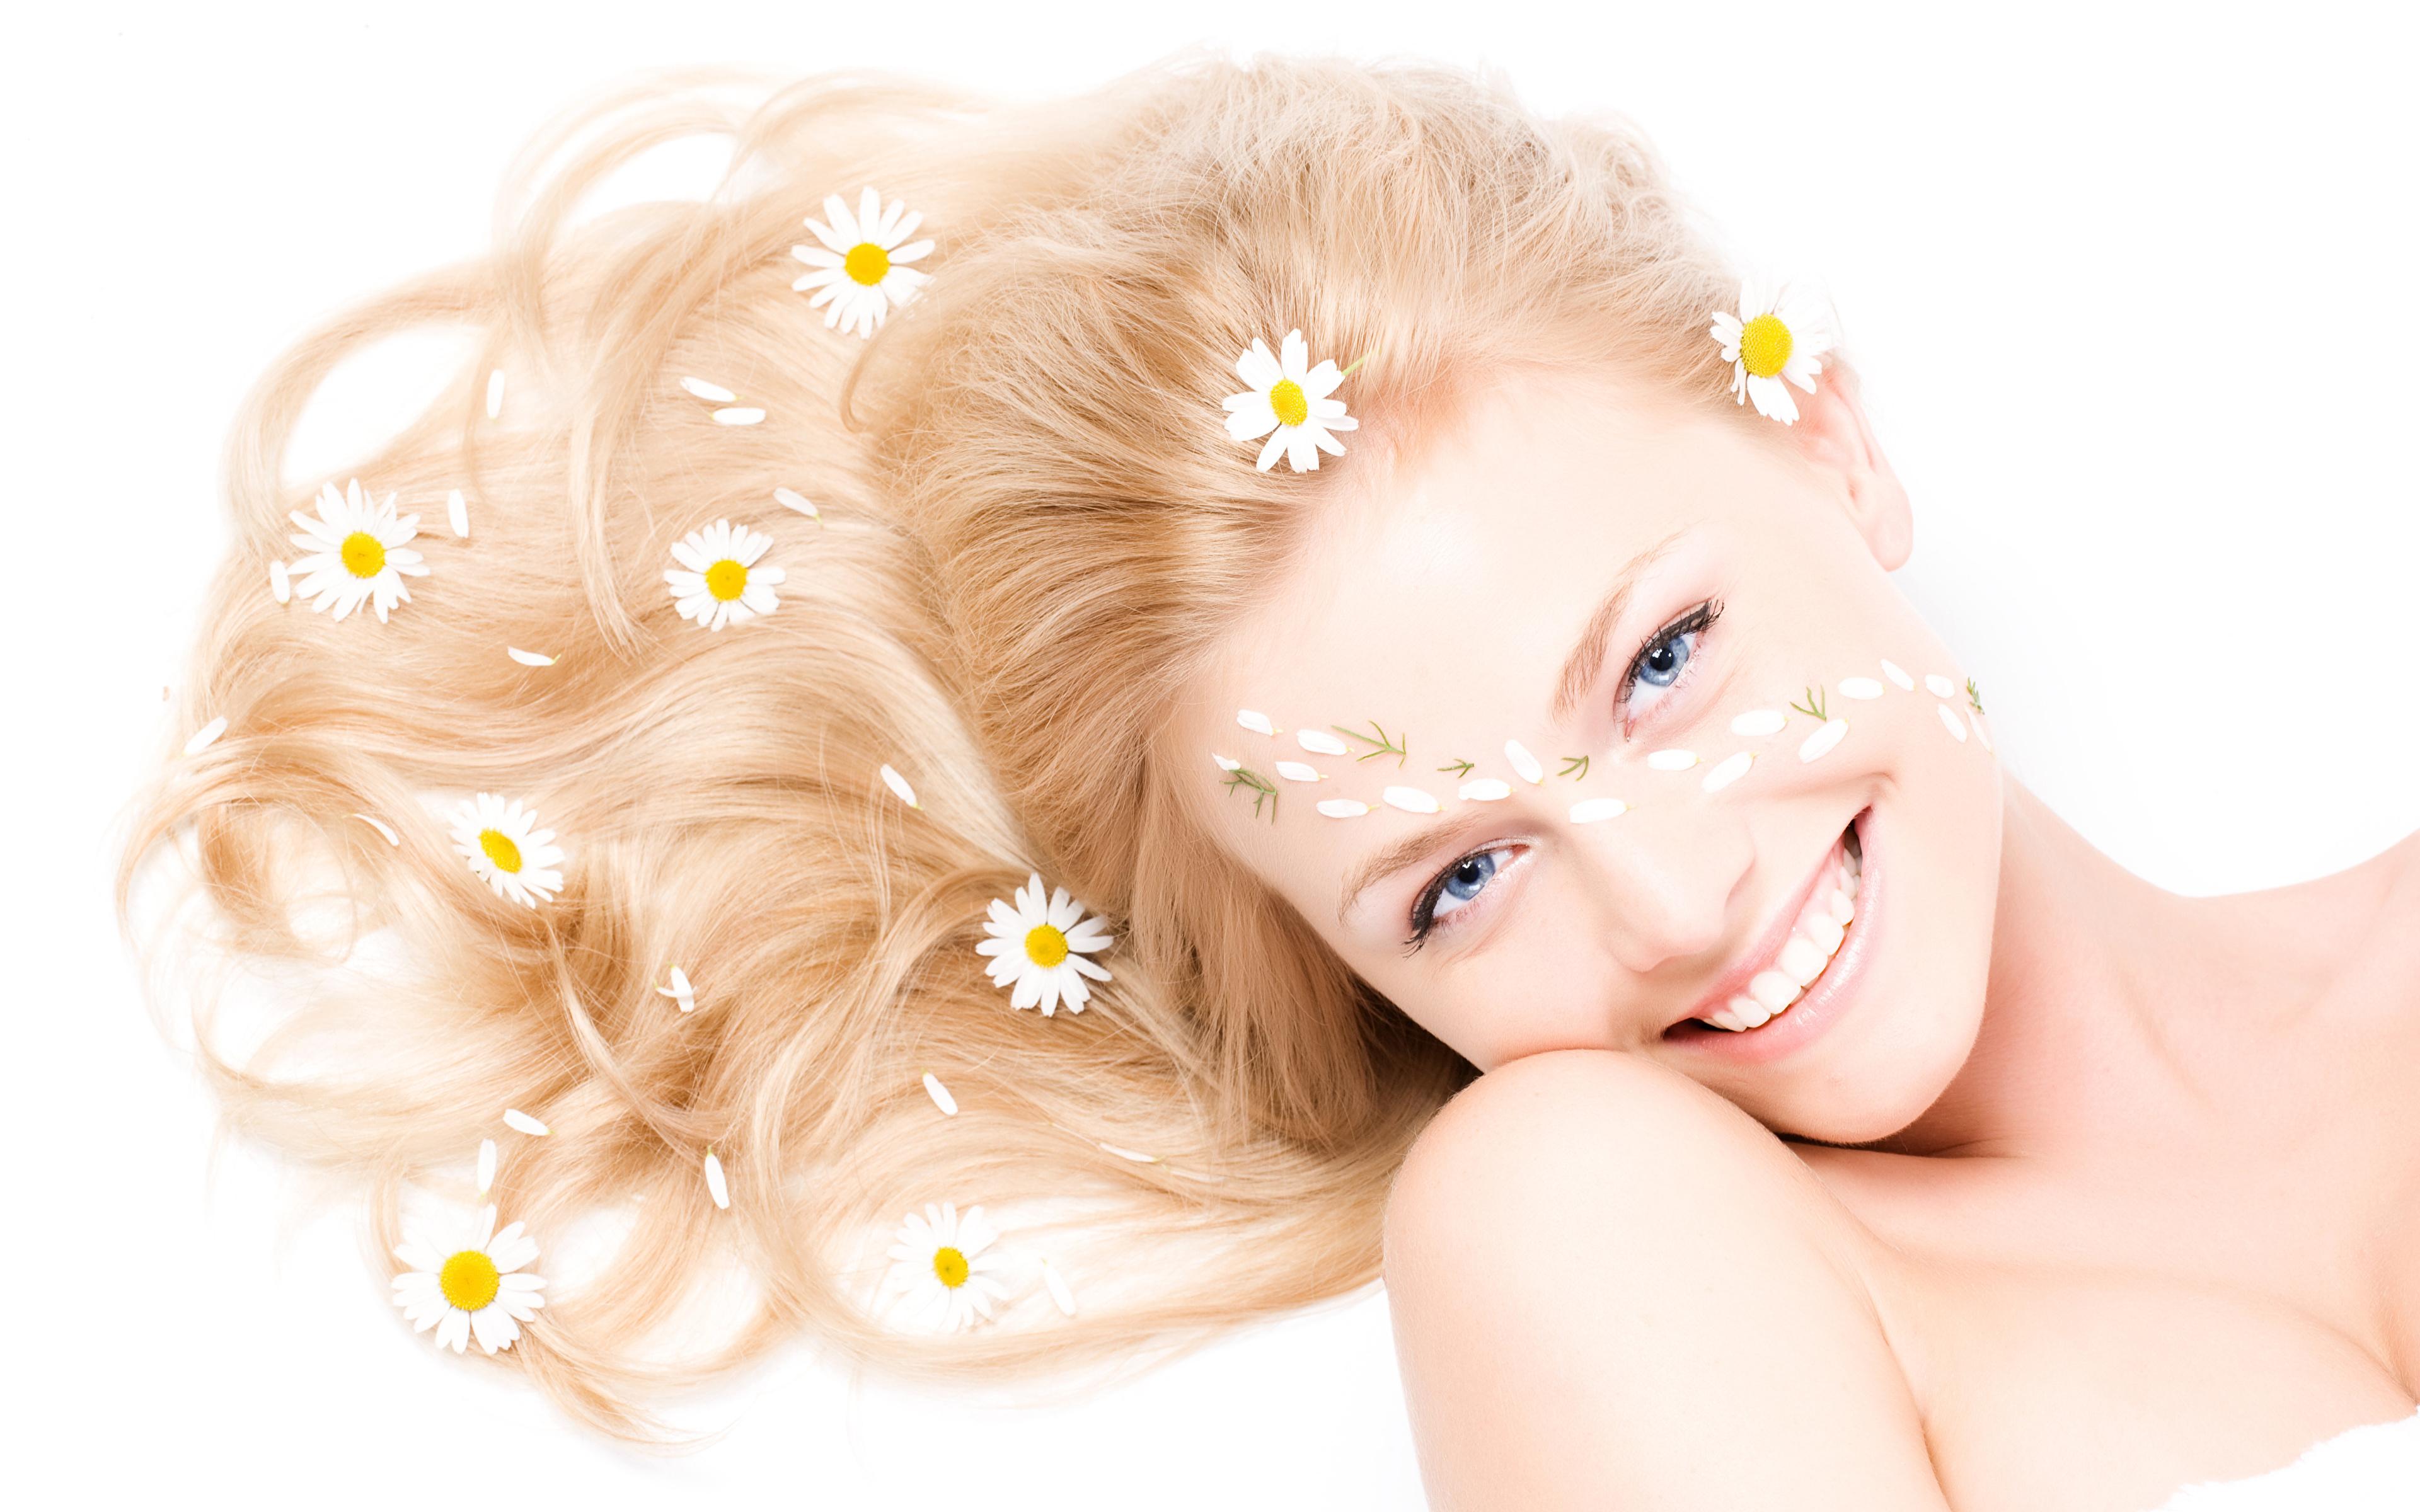 Картинки Улыбка Волосы Девушки ромашка Взгляд Белый фон 3840x2400 улыбается волос девушка молодая женщина молодые женщины Ромашки смотрит смотрят белом фоне белым фоном